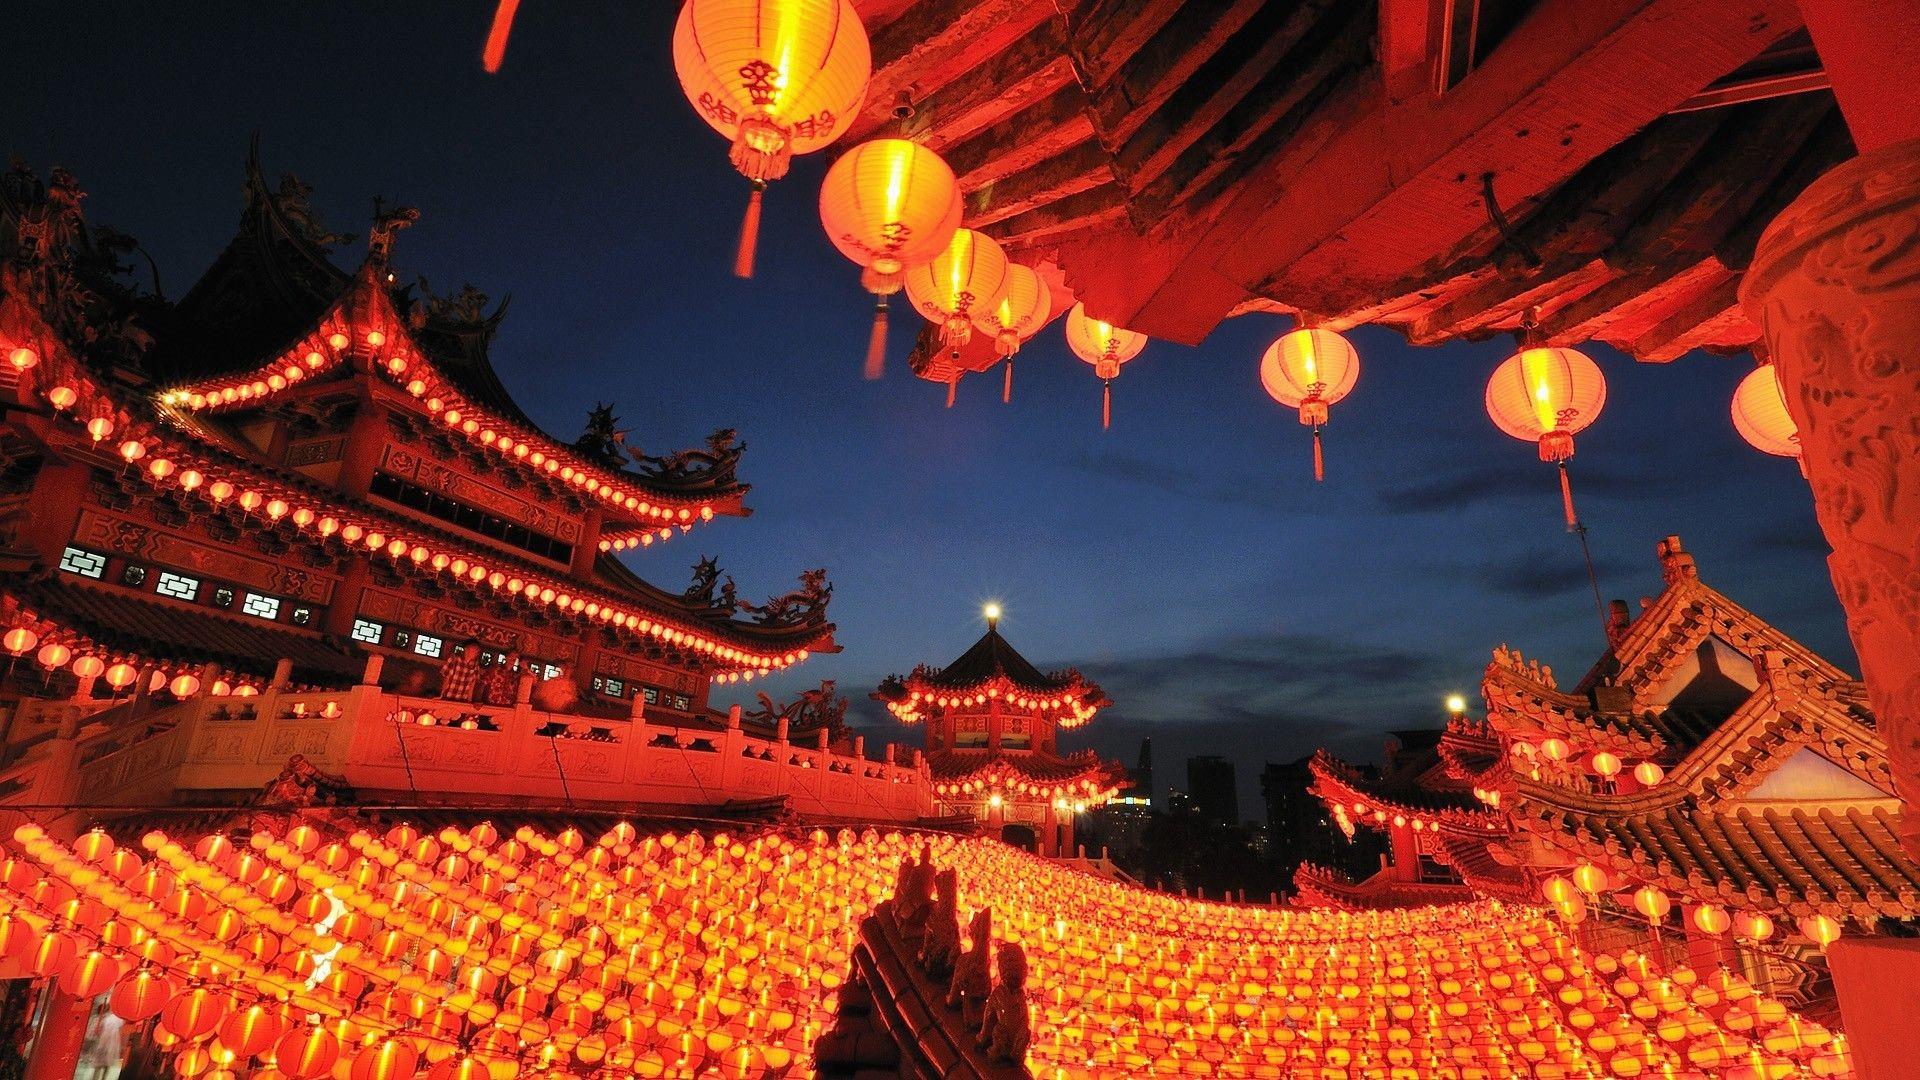 Chinese Lantern Wallpaper 53 Images